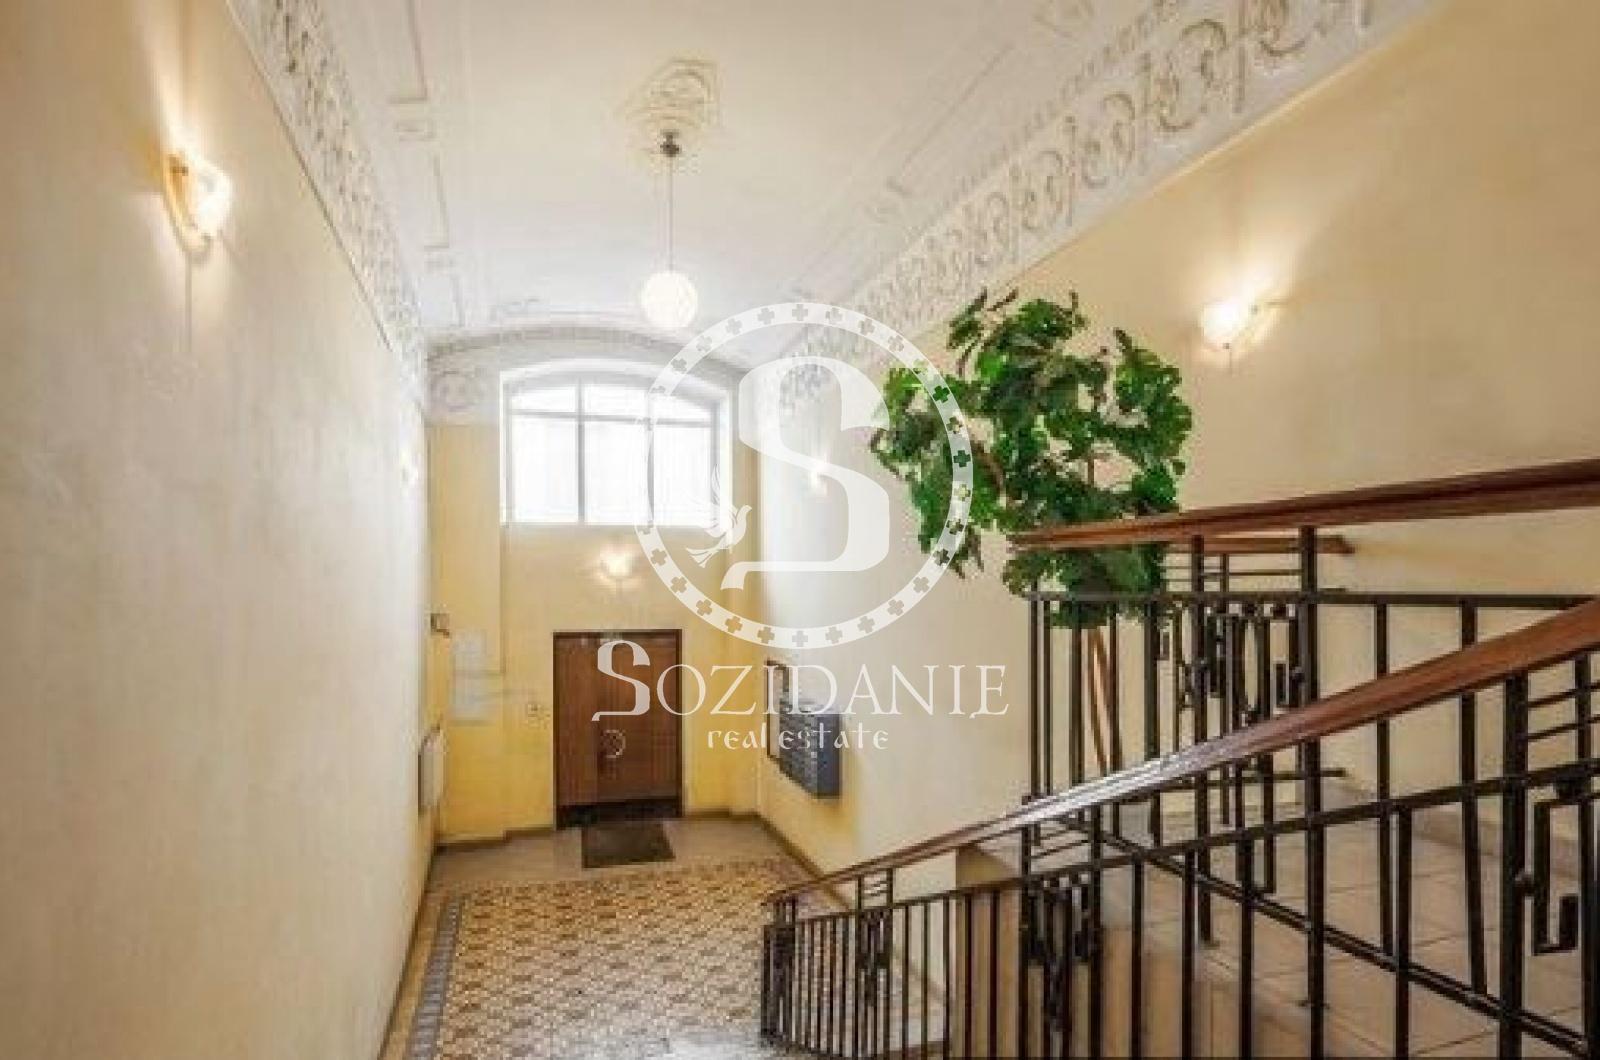 5 Комнаты, Городская, Продажа, Улица Большая Дмитровка, Listing ID 3502, Москва, Россия,